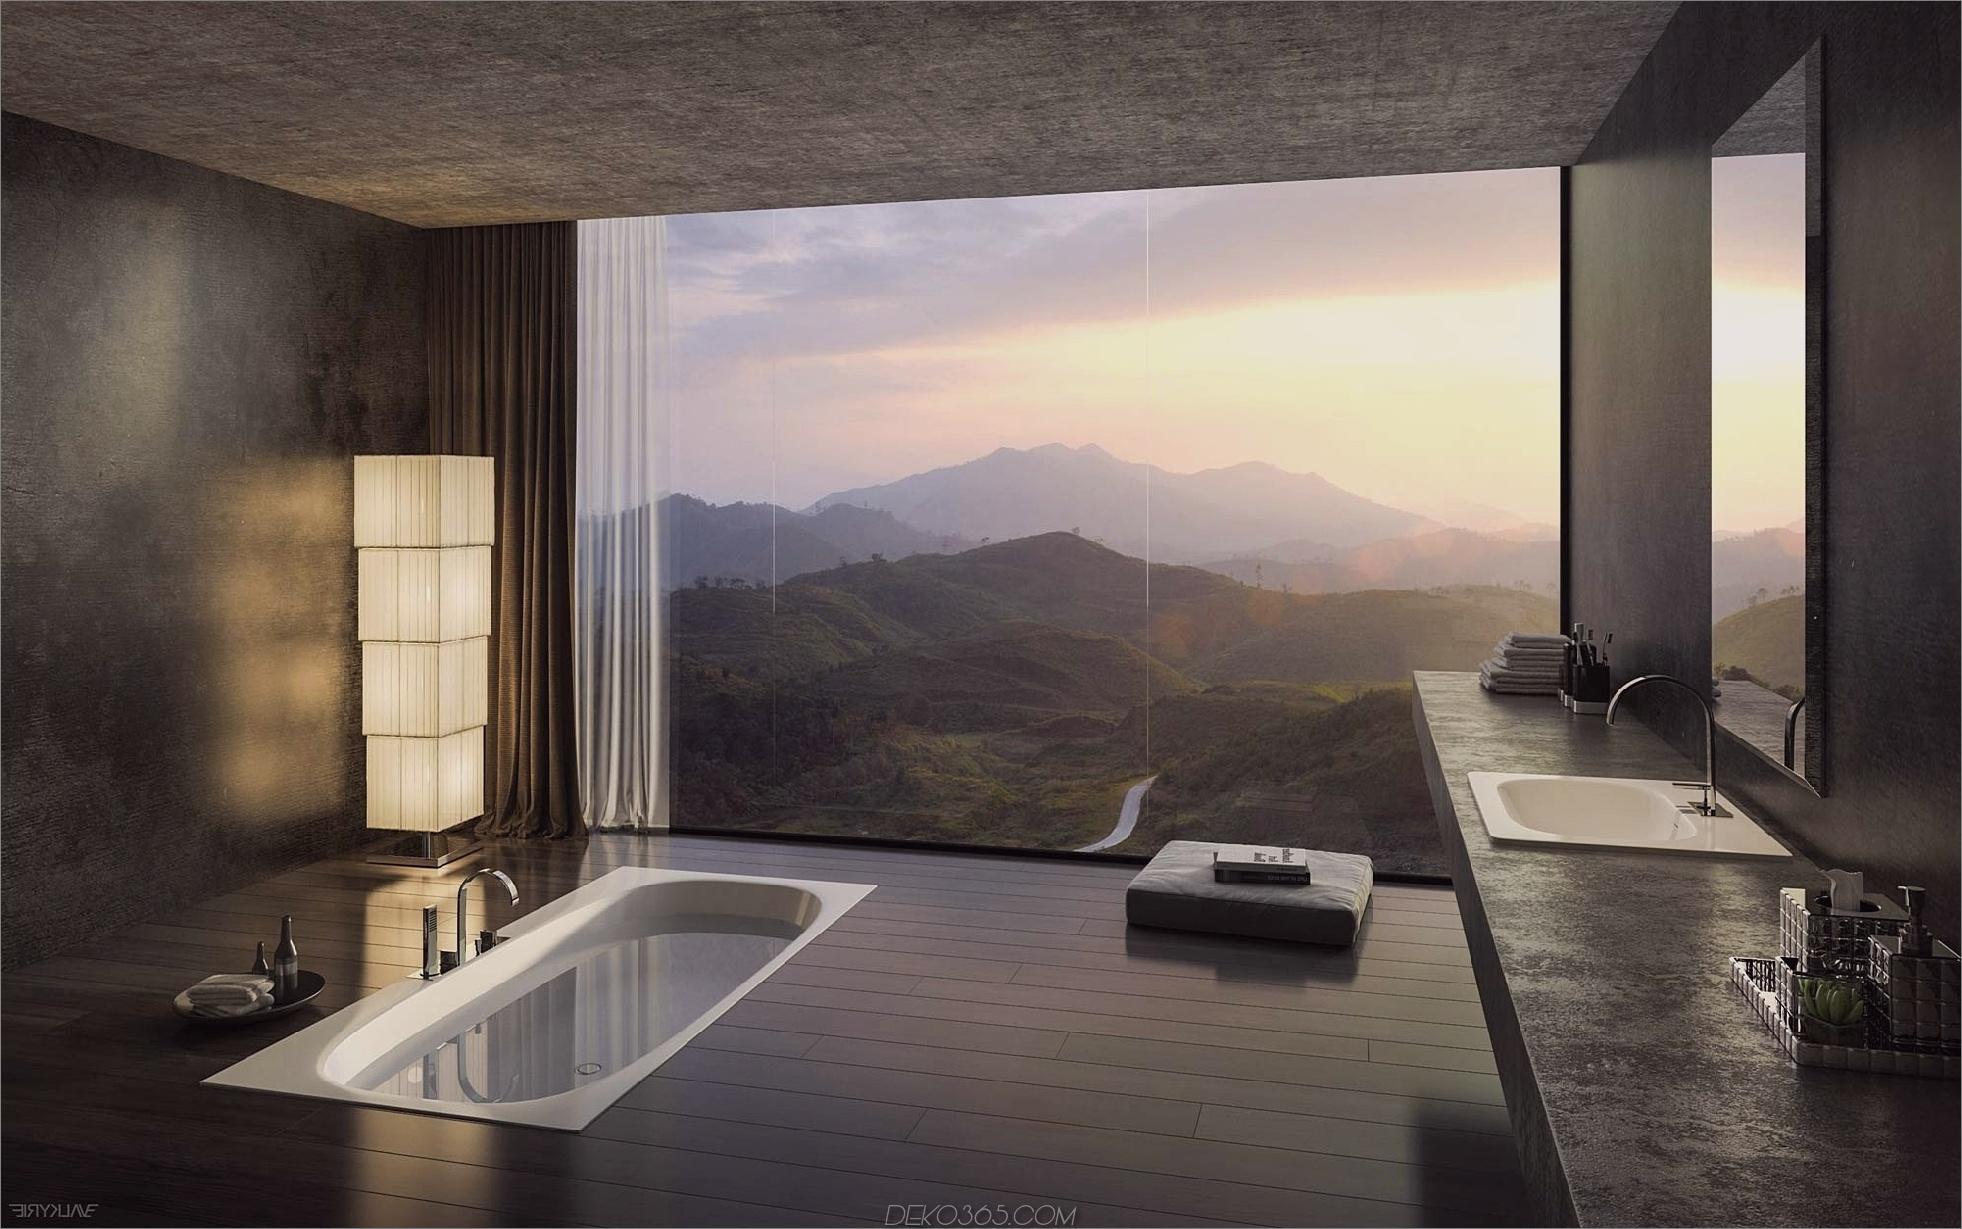 11 atemberaubende Luxus-Badezimmer mit unglaublicher Blick - blog